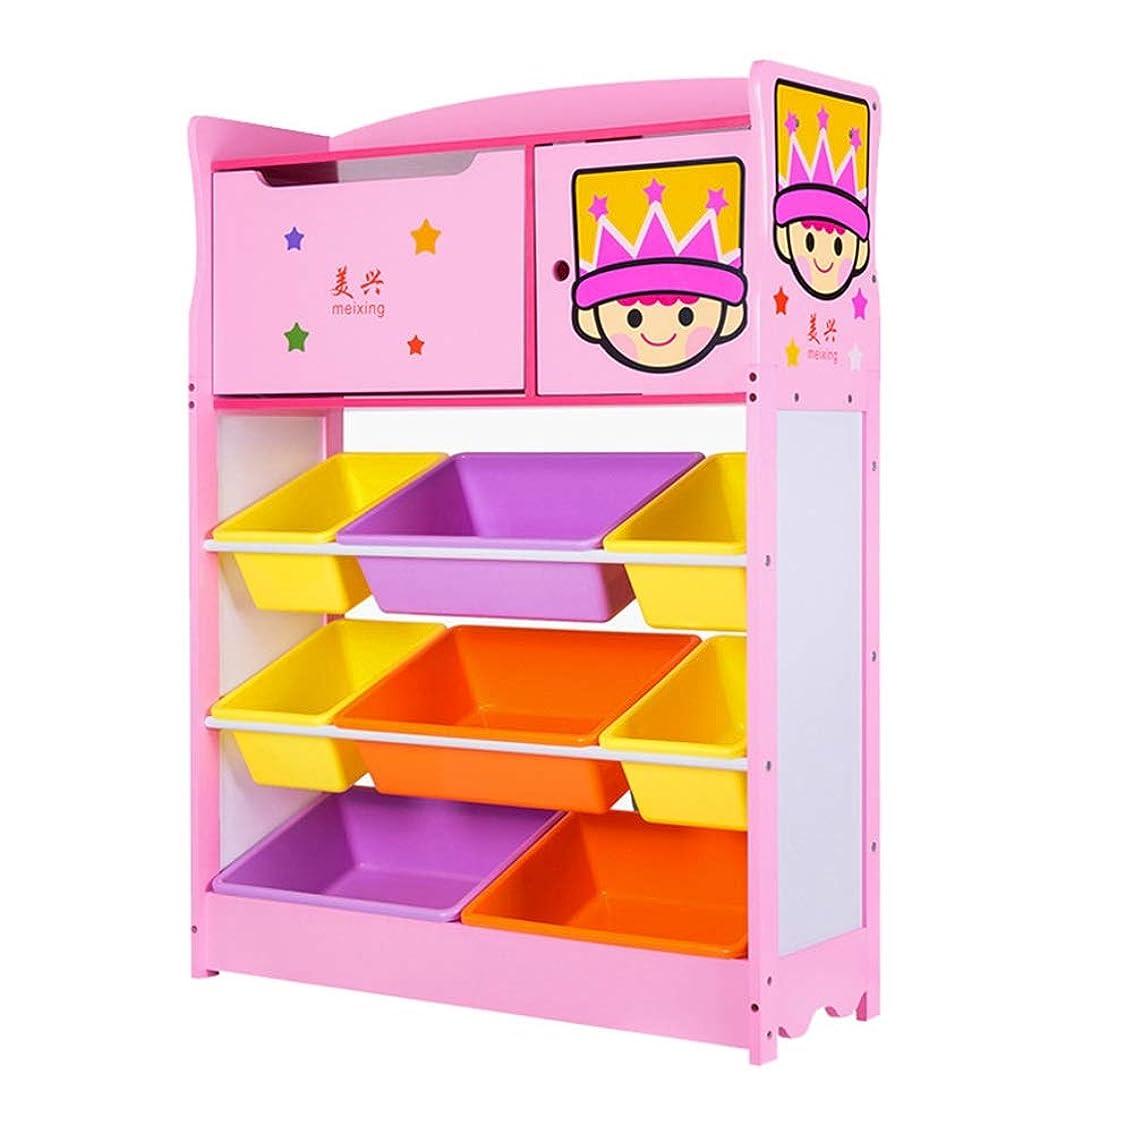 理容師無数の陸軍Xyanzi おもちゃ?絵本ラック 子供の木製本棚、子供のベッドルームプレイルームのための8つの複数の色のプラスチック製ビンと子供のおもちゃの収納ラック幼稚園の本棚 (Color : B)